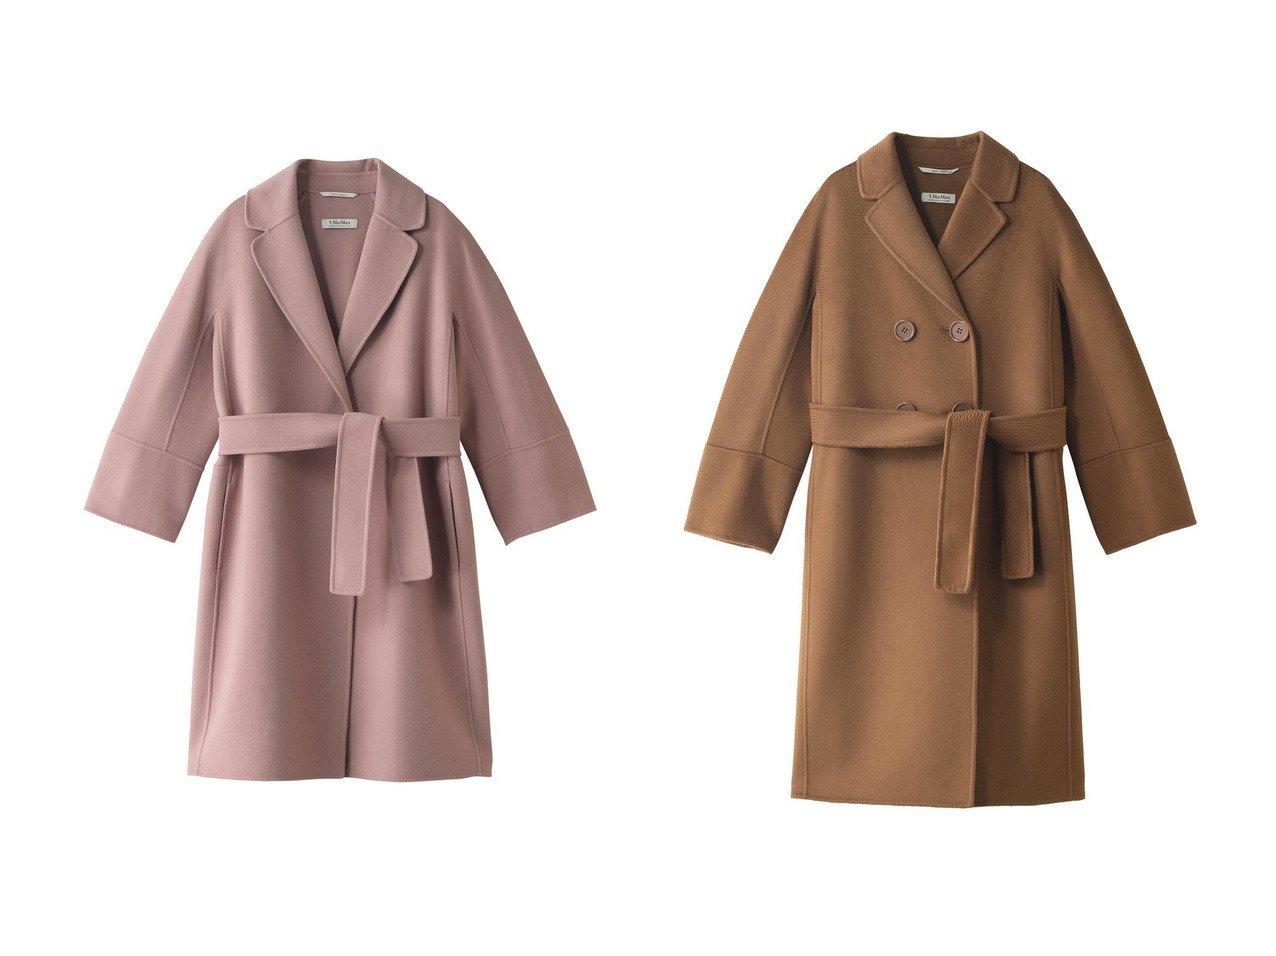 【WEEKEND MAX MARA/ウィークエンド マックスマーラ】の【 S MAX MARA】ALONAベルトコート&【 S MAX MARA】ALOEベルトコート 【アウター】おすすめ!人気、トレンド・レディースファッションの通販 おすすめで人気の流行・トレンド、ファッションの通販商品 インテリア・家具・メンズファッション・キッズファッション・レディースファッション・服の通販 founy(ファニー) https://founy.com/ ファッション Fashion レディースファッション WOMEN アウター Coat Outerwear コート Coats ベルト Belts 2020年 2020 2020-2021秋冬・A/W AW・Autumn/Winter・FW・Fall-Winter/2020-2021 2021年 2021 2021-2022秋冬・A/W AW・Autumn/Winter・FW・Fall-Winter・2021-2022 A/W・秋冬 AW・Autumn/Winter・FW・Fall-Winter ロング  ID:crp329100000058143